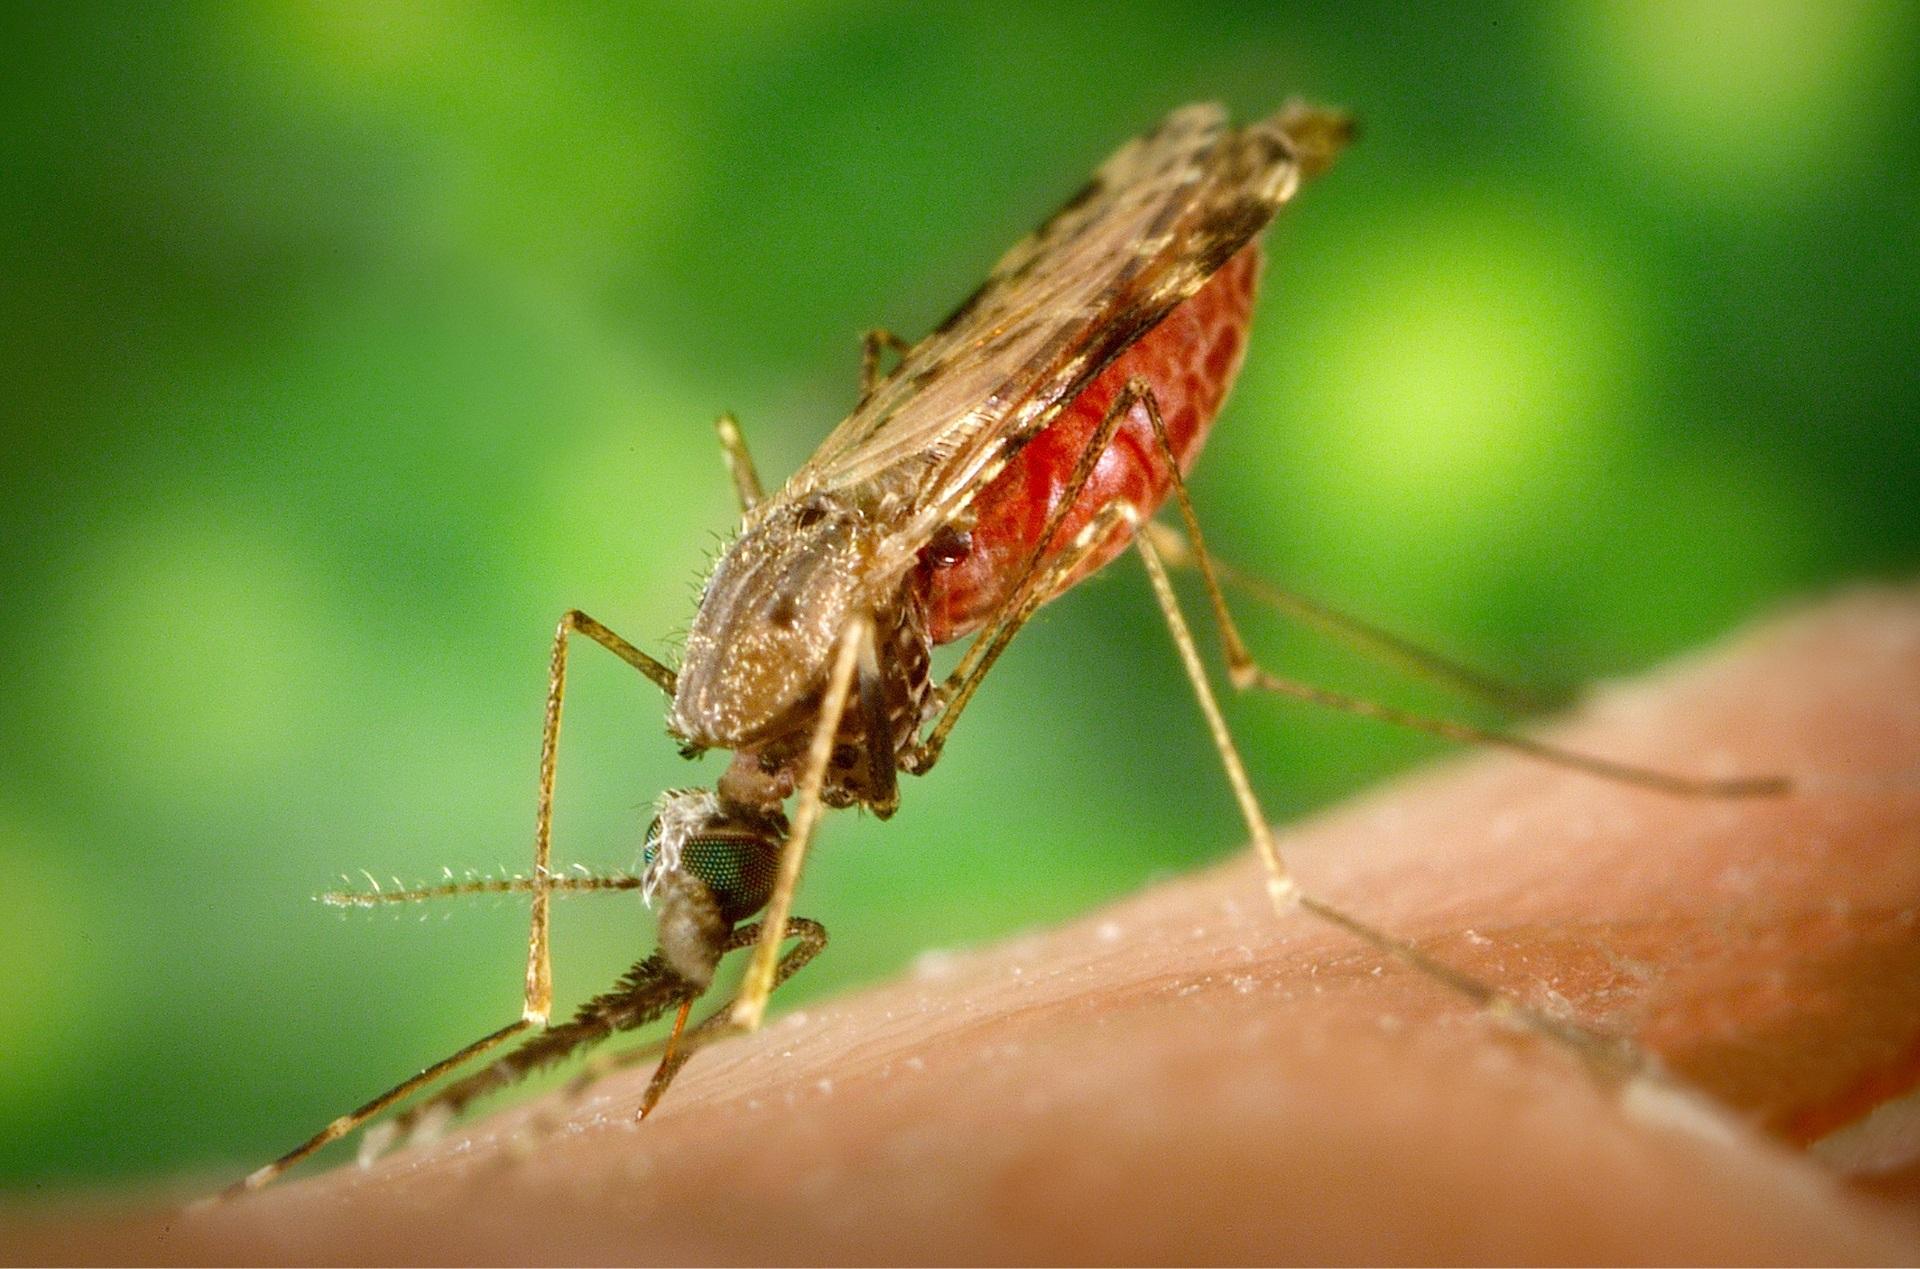 Малярия | энциклопедия кругосвет